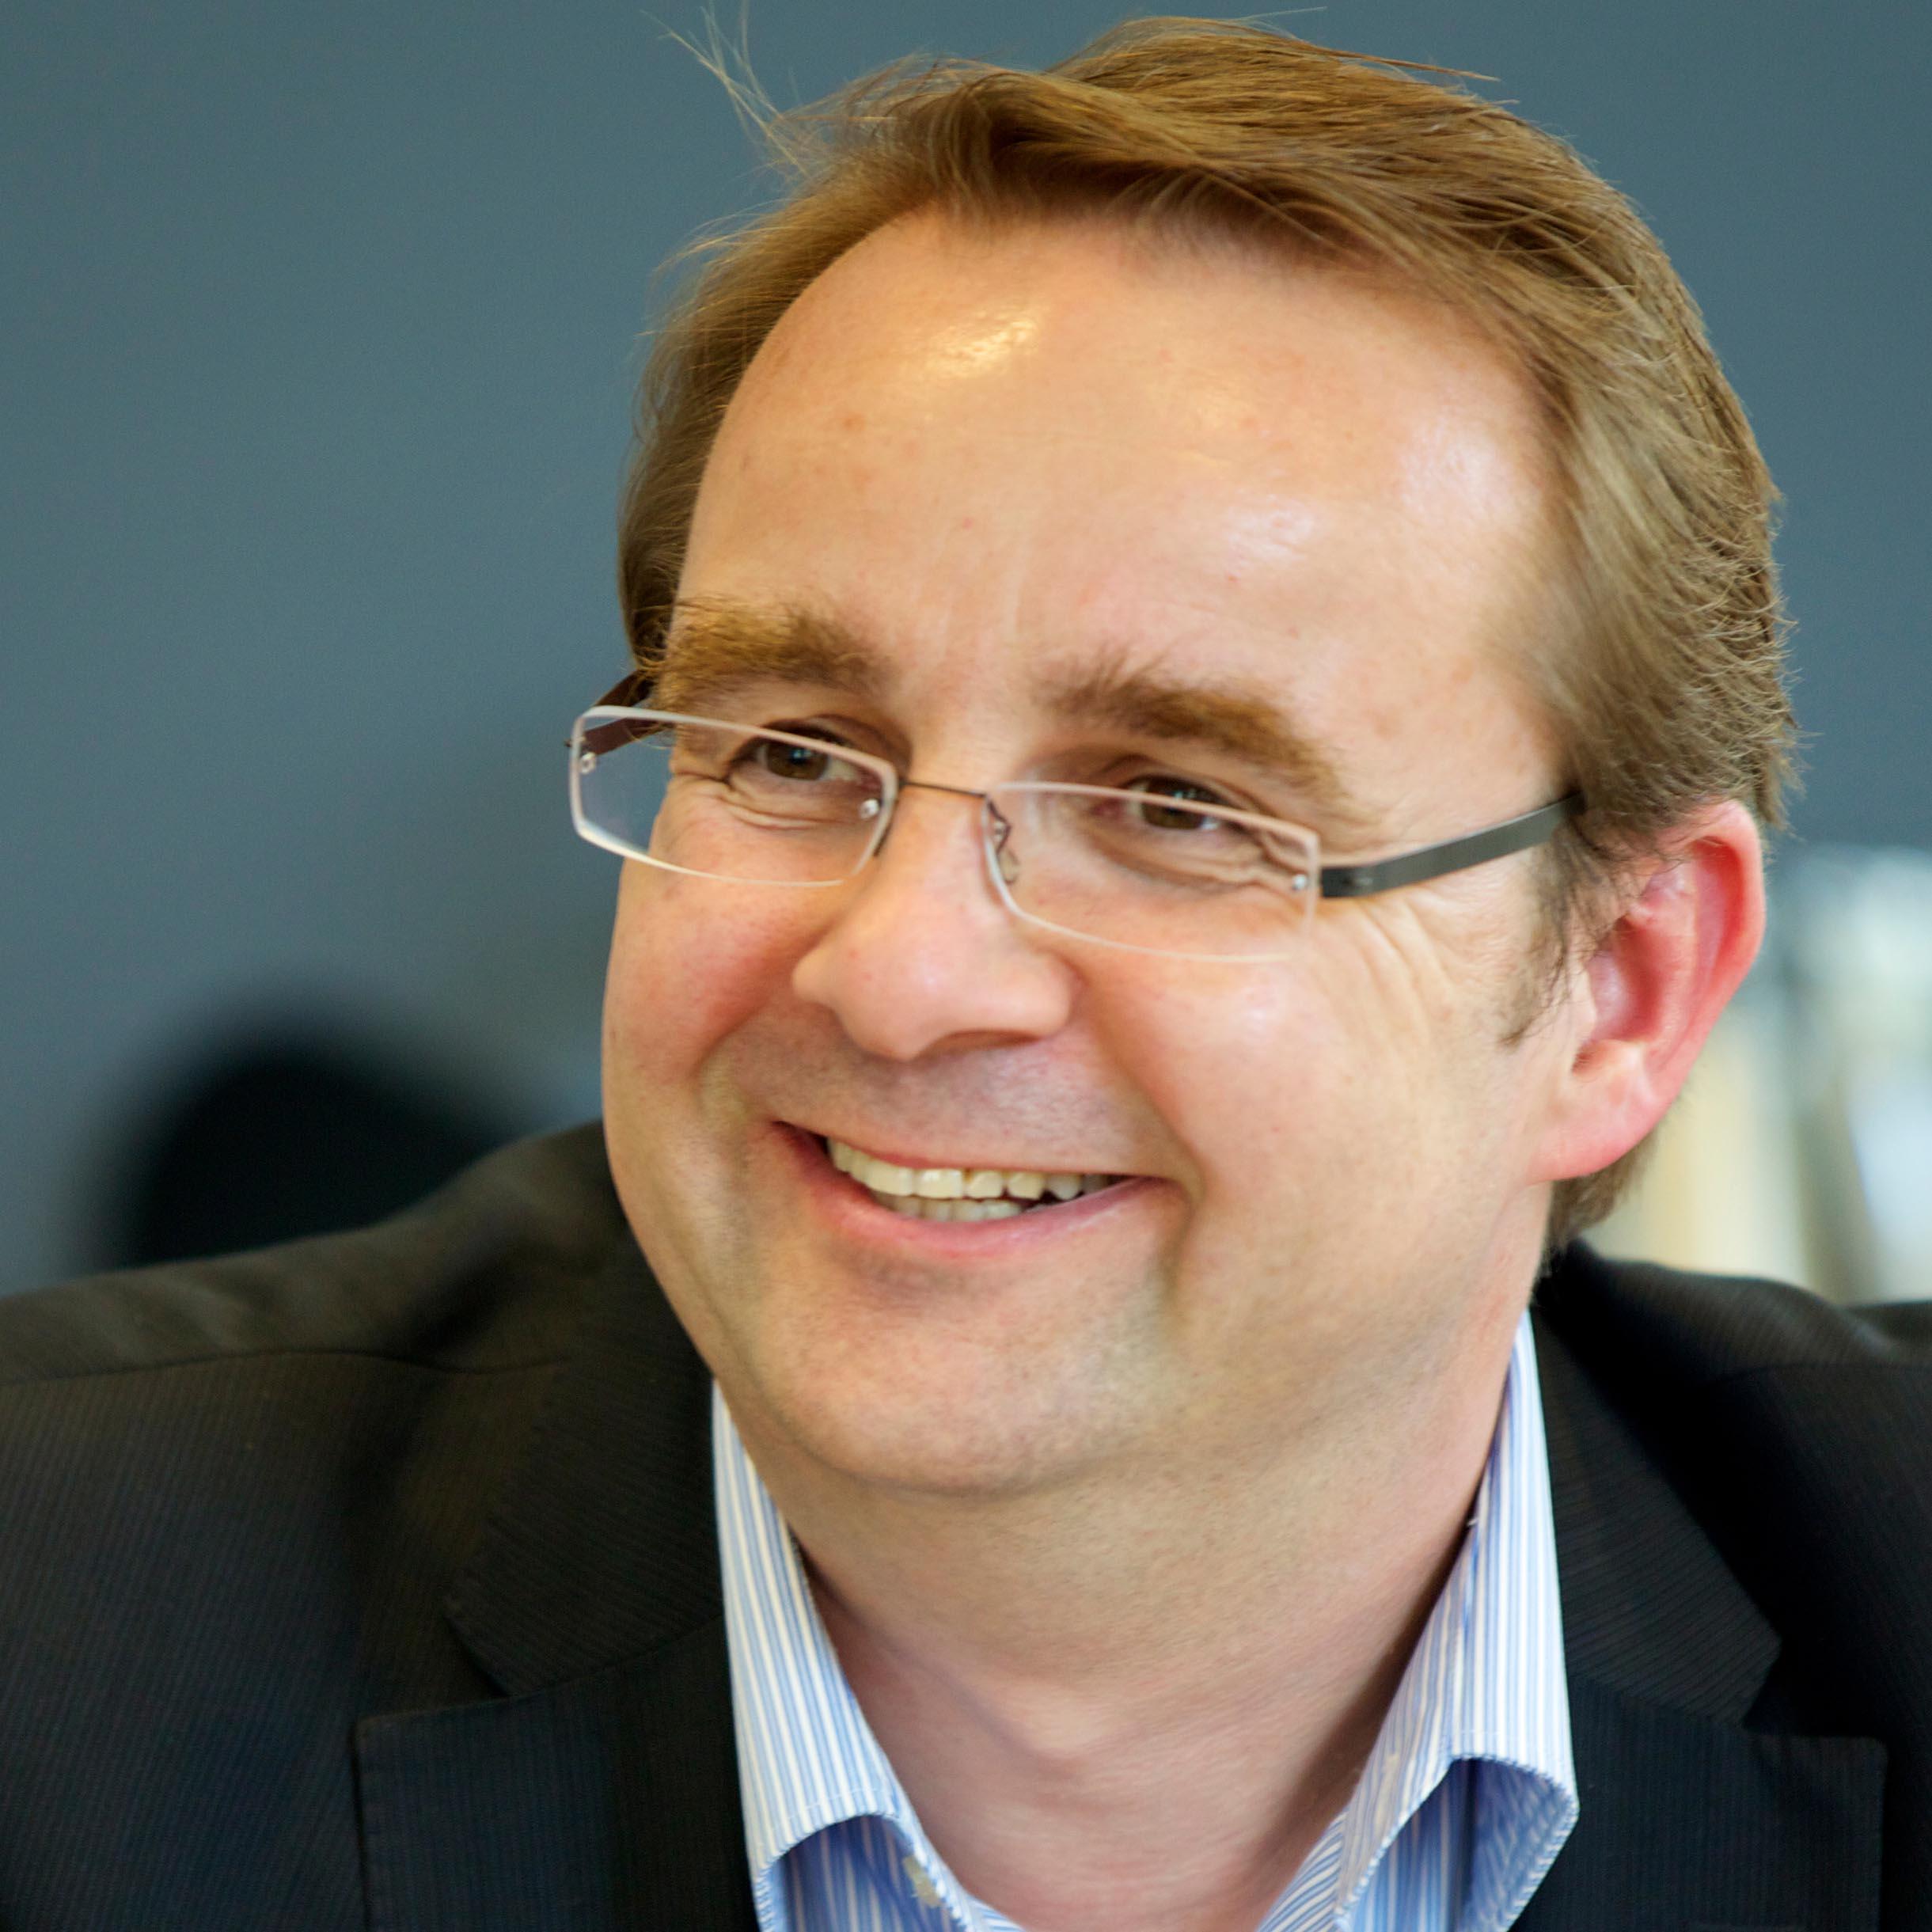 Jens Mühlner